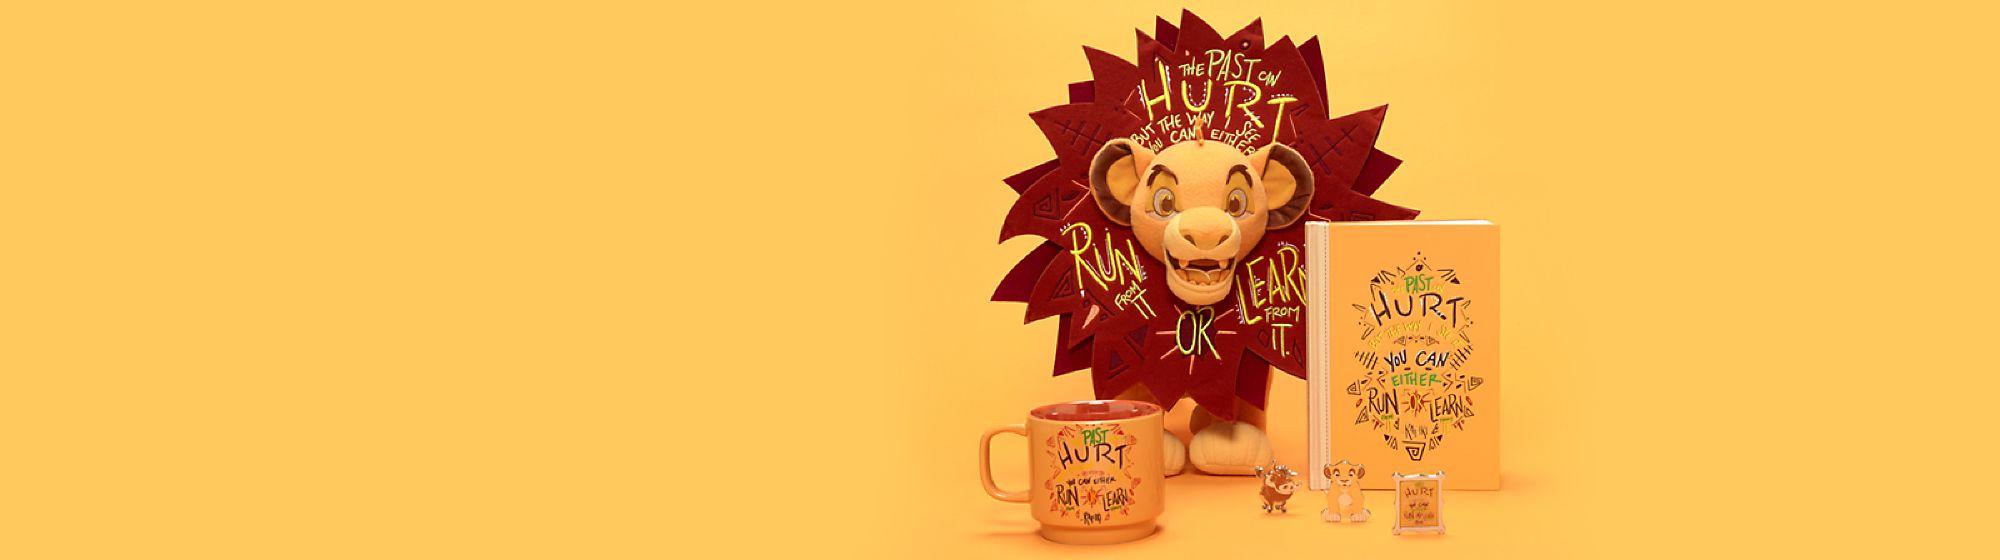 Simba Eine Kollektion voll wilder Abenteuer Bald verfügbar Erhältlich ab dem 18. November